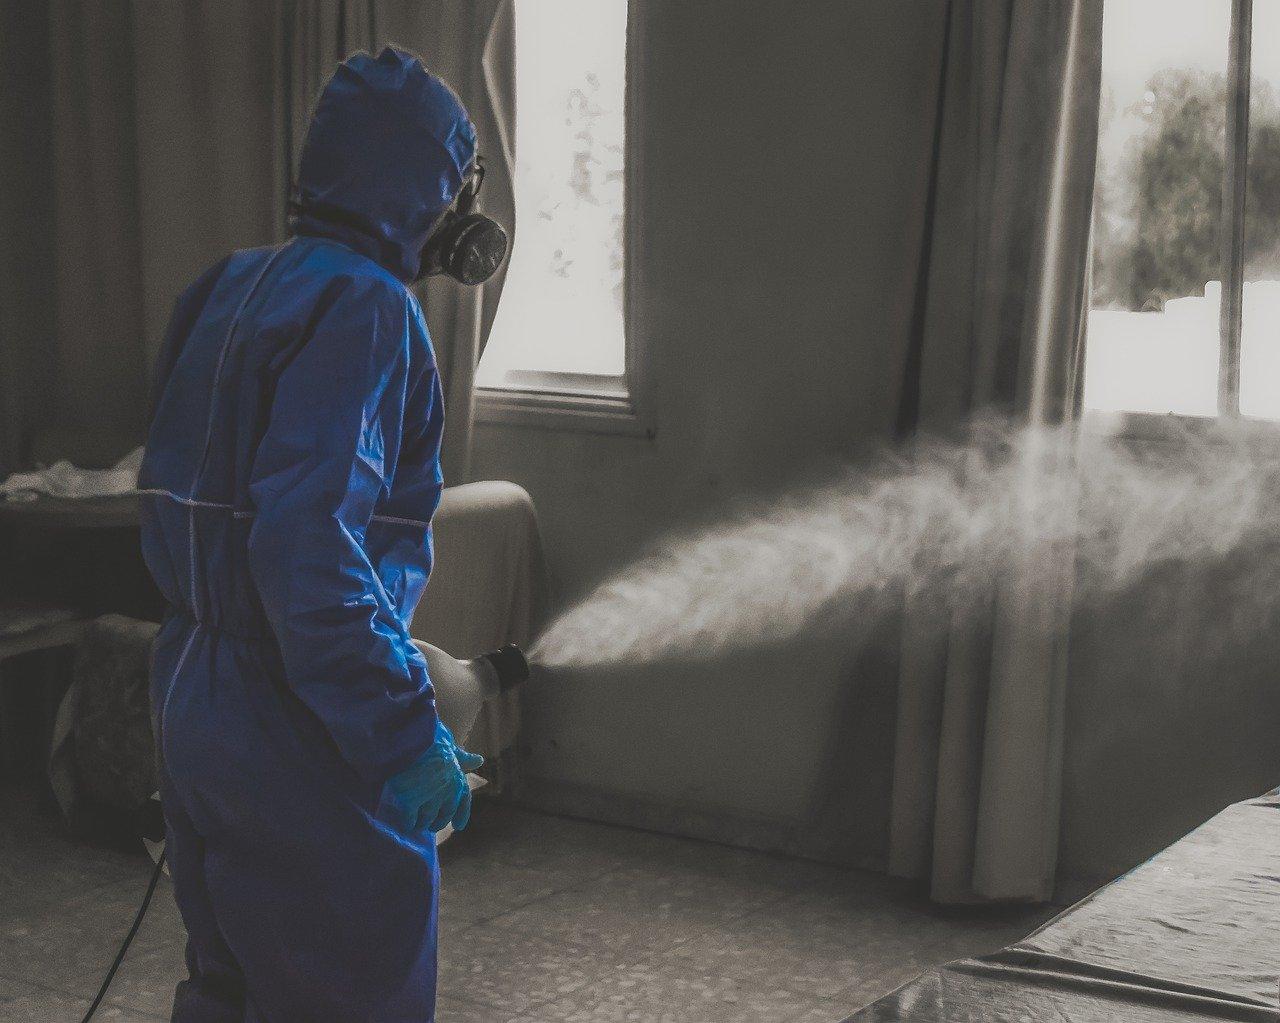 Zamgławianie czy ozonowanie? Który sposób na dezynfekcję jest bezpieczniejszy? #Covid-19